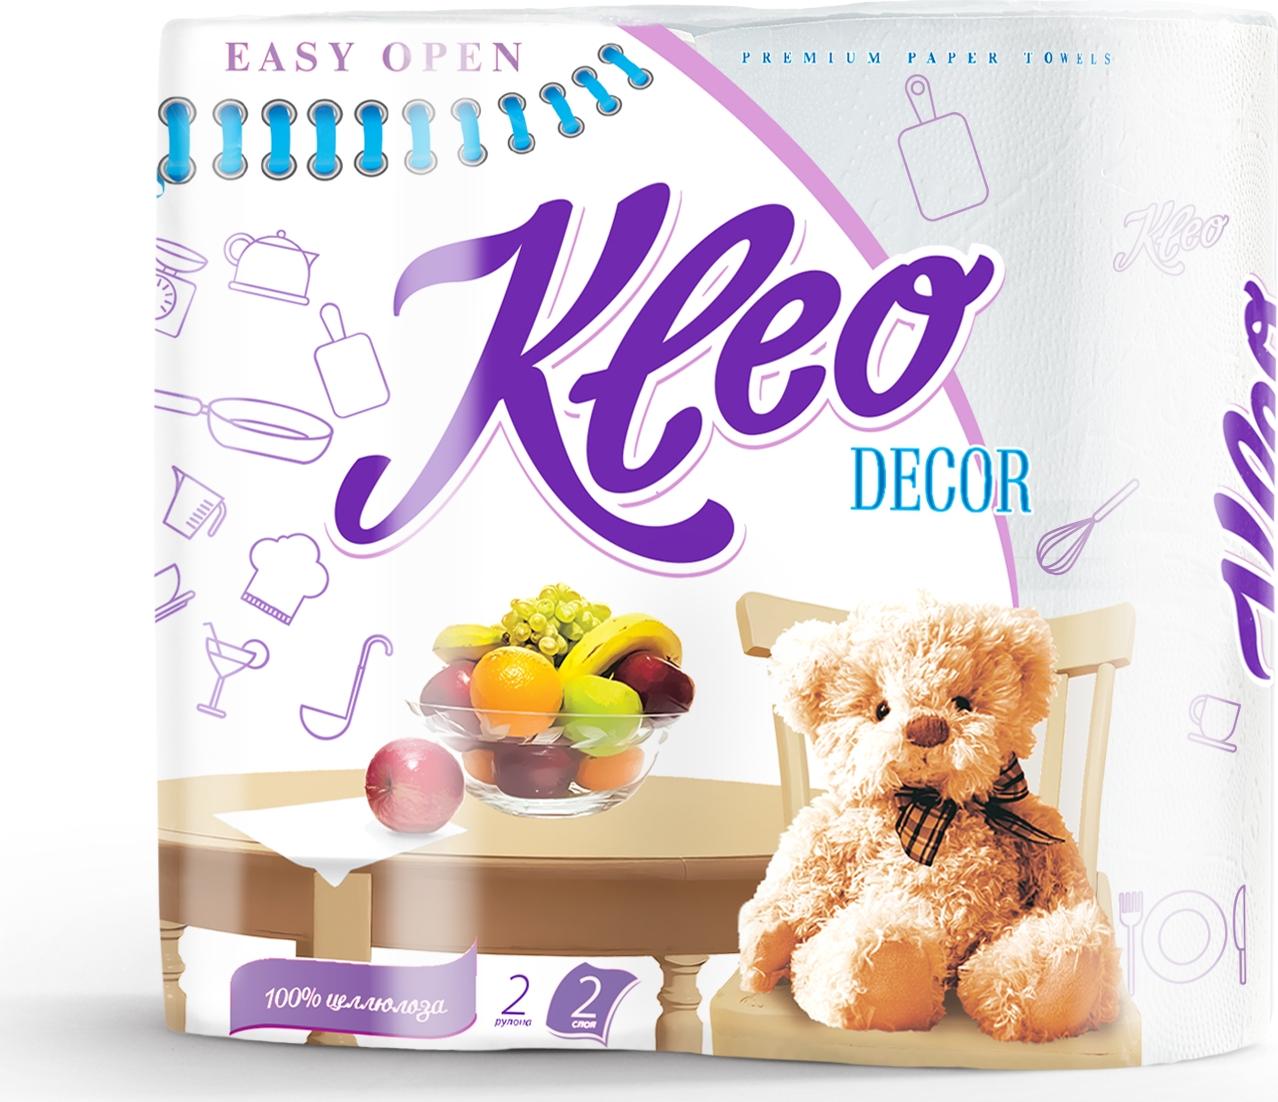 Полотенца бумажные Kleo Decor, двухслойные, цвет: белый, 2 рулона полотенца бумажные мягкий знак двухслойные цвет белый 4 рулона